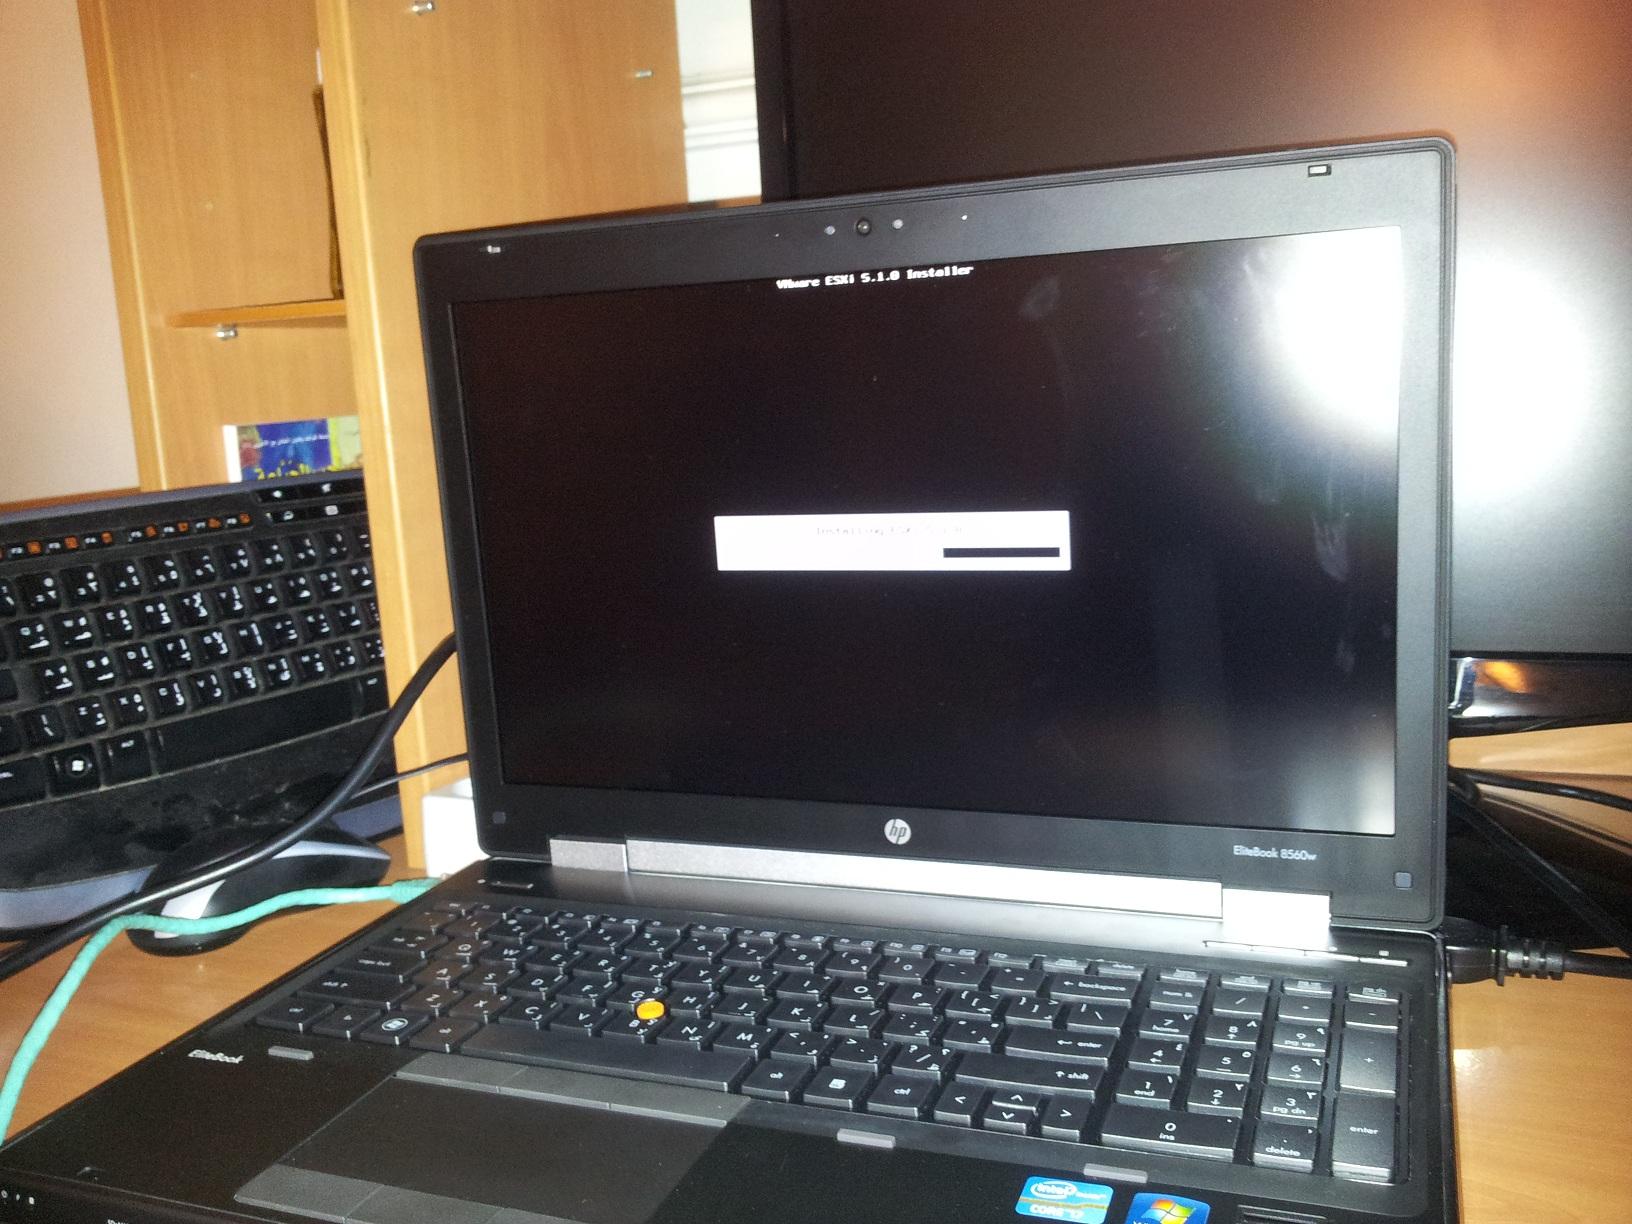 Install ESXi 5 x on HP EliteBook 8560w Workstation – doOdzZZ